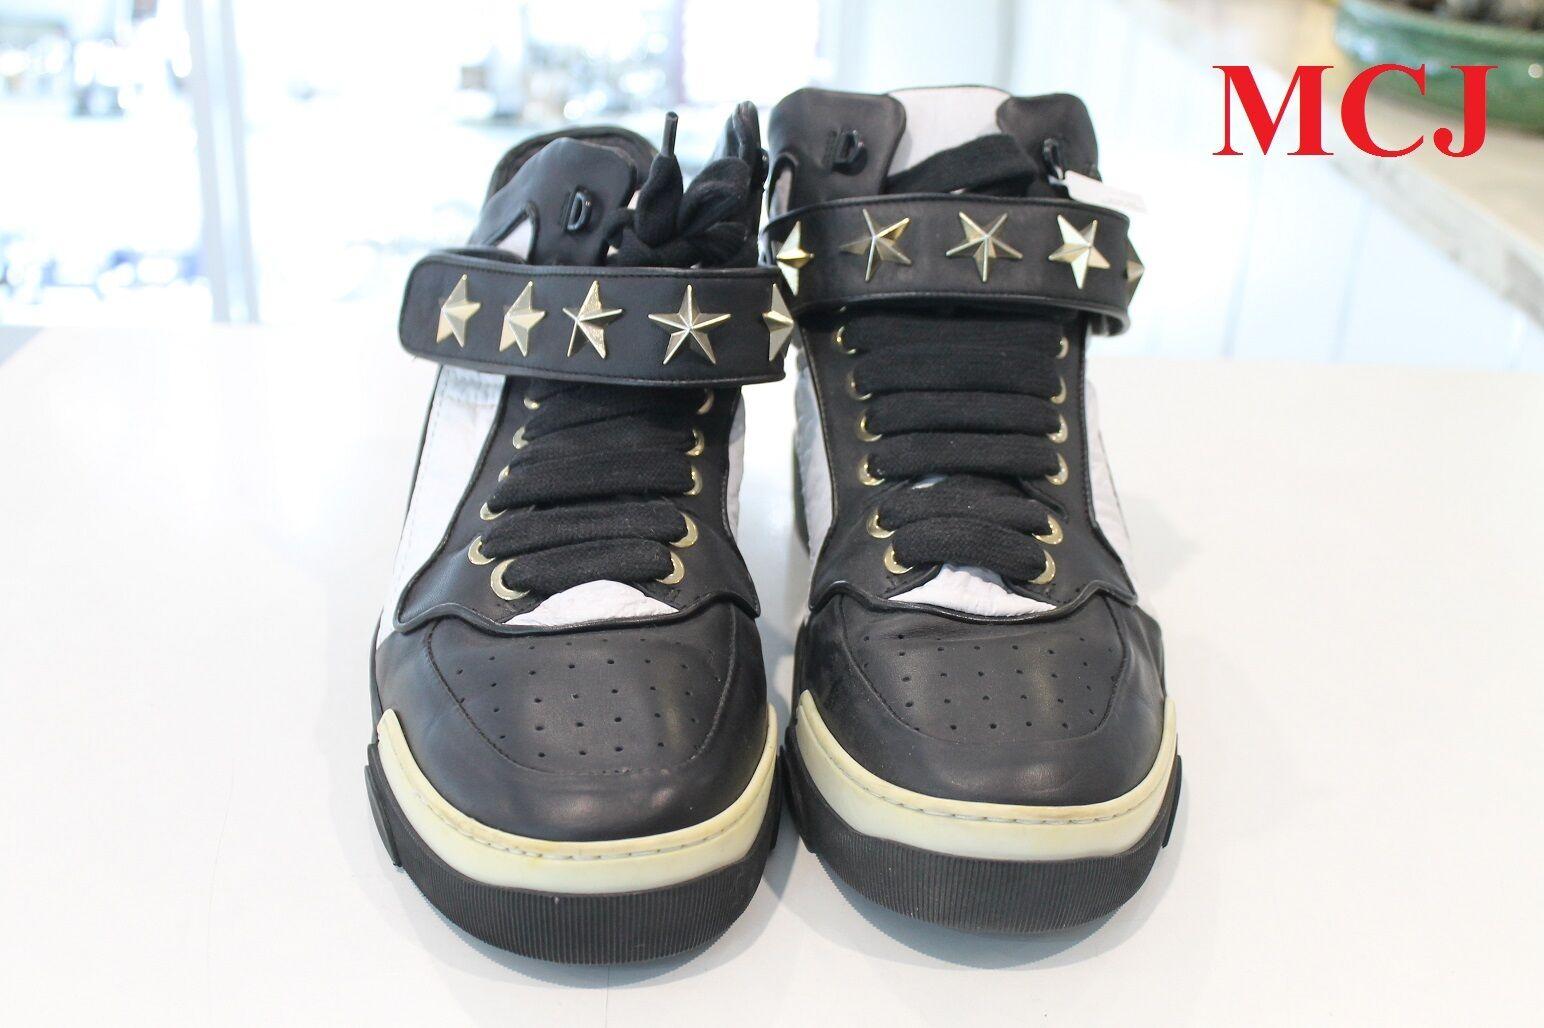 Scarpe casual da uomo  'Pre-owned' Givenchy Tyson Sneaker size 44